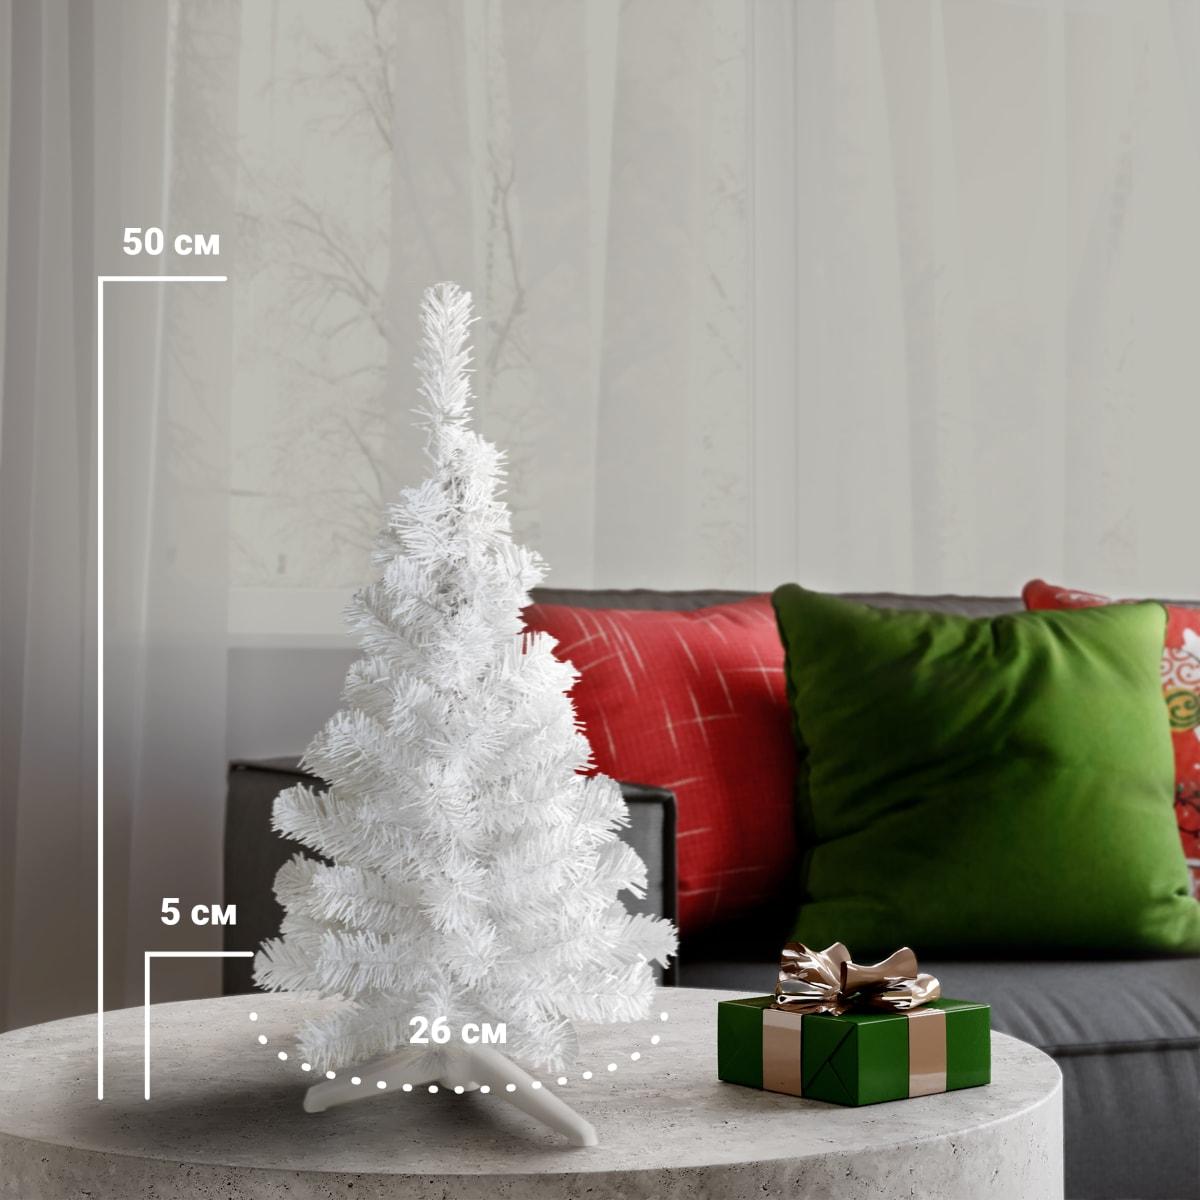 Ель новогодняя искусственная «Снежная» 50 см